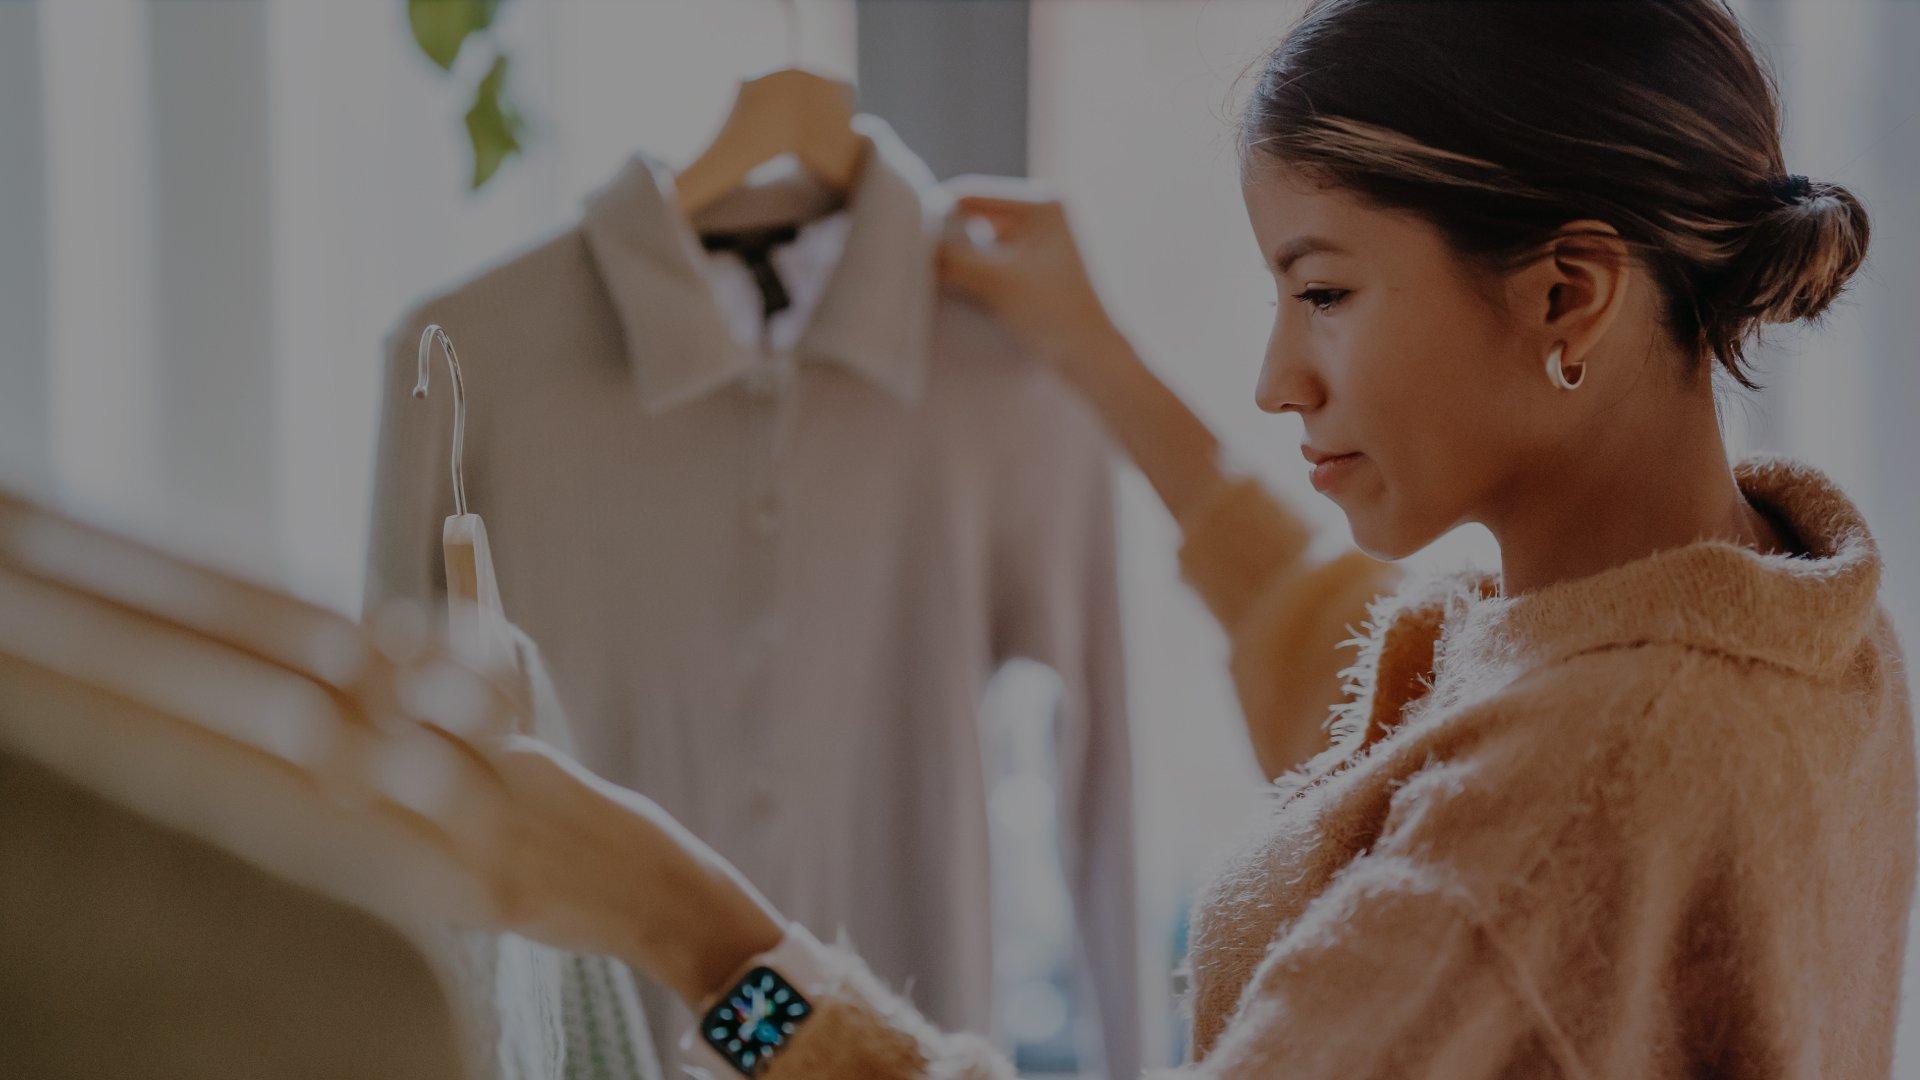 Servicios para la creación de ecomerce negocios de moda y complementos de la agencia de publicidad Eiduo